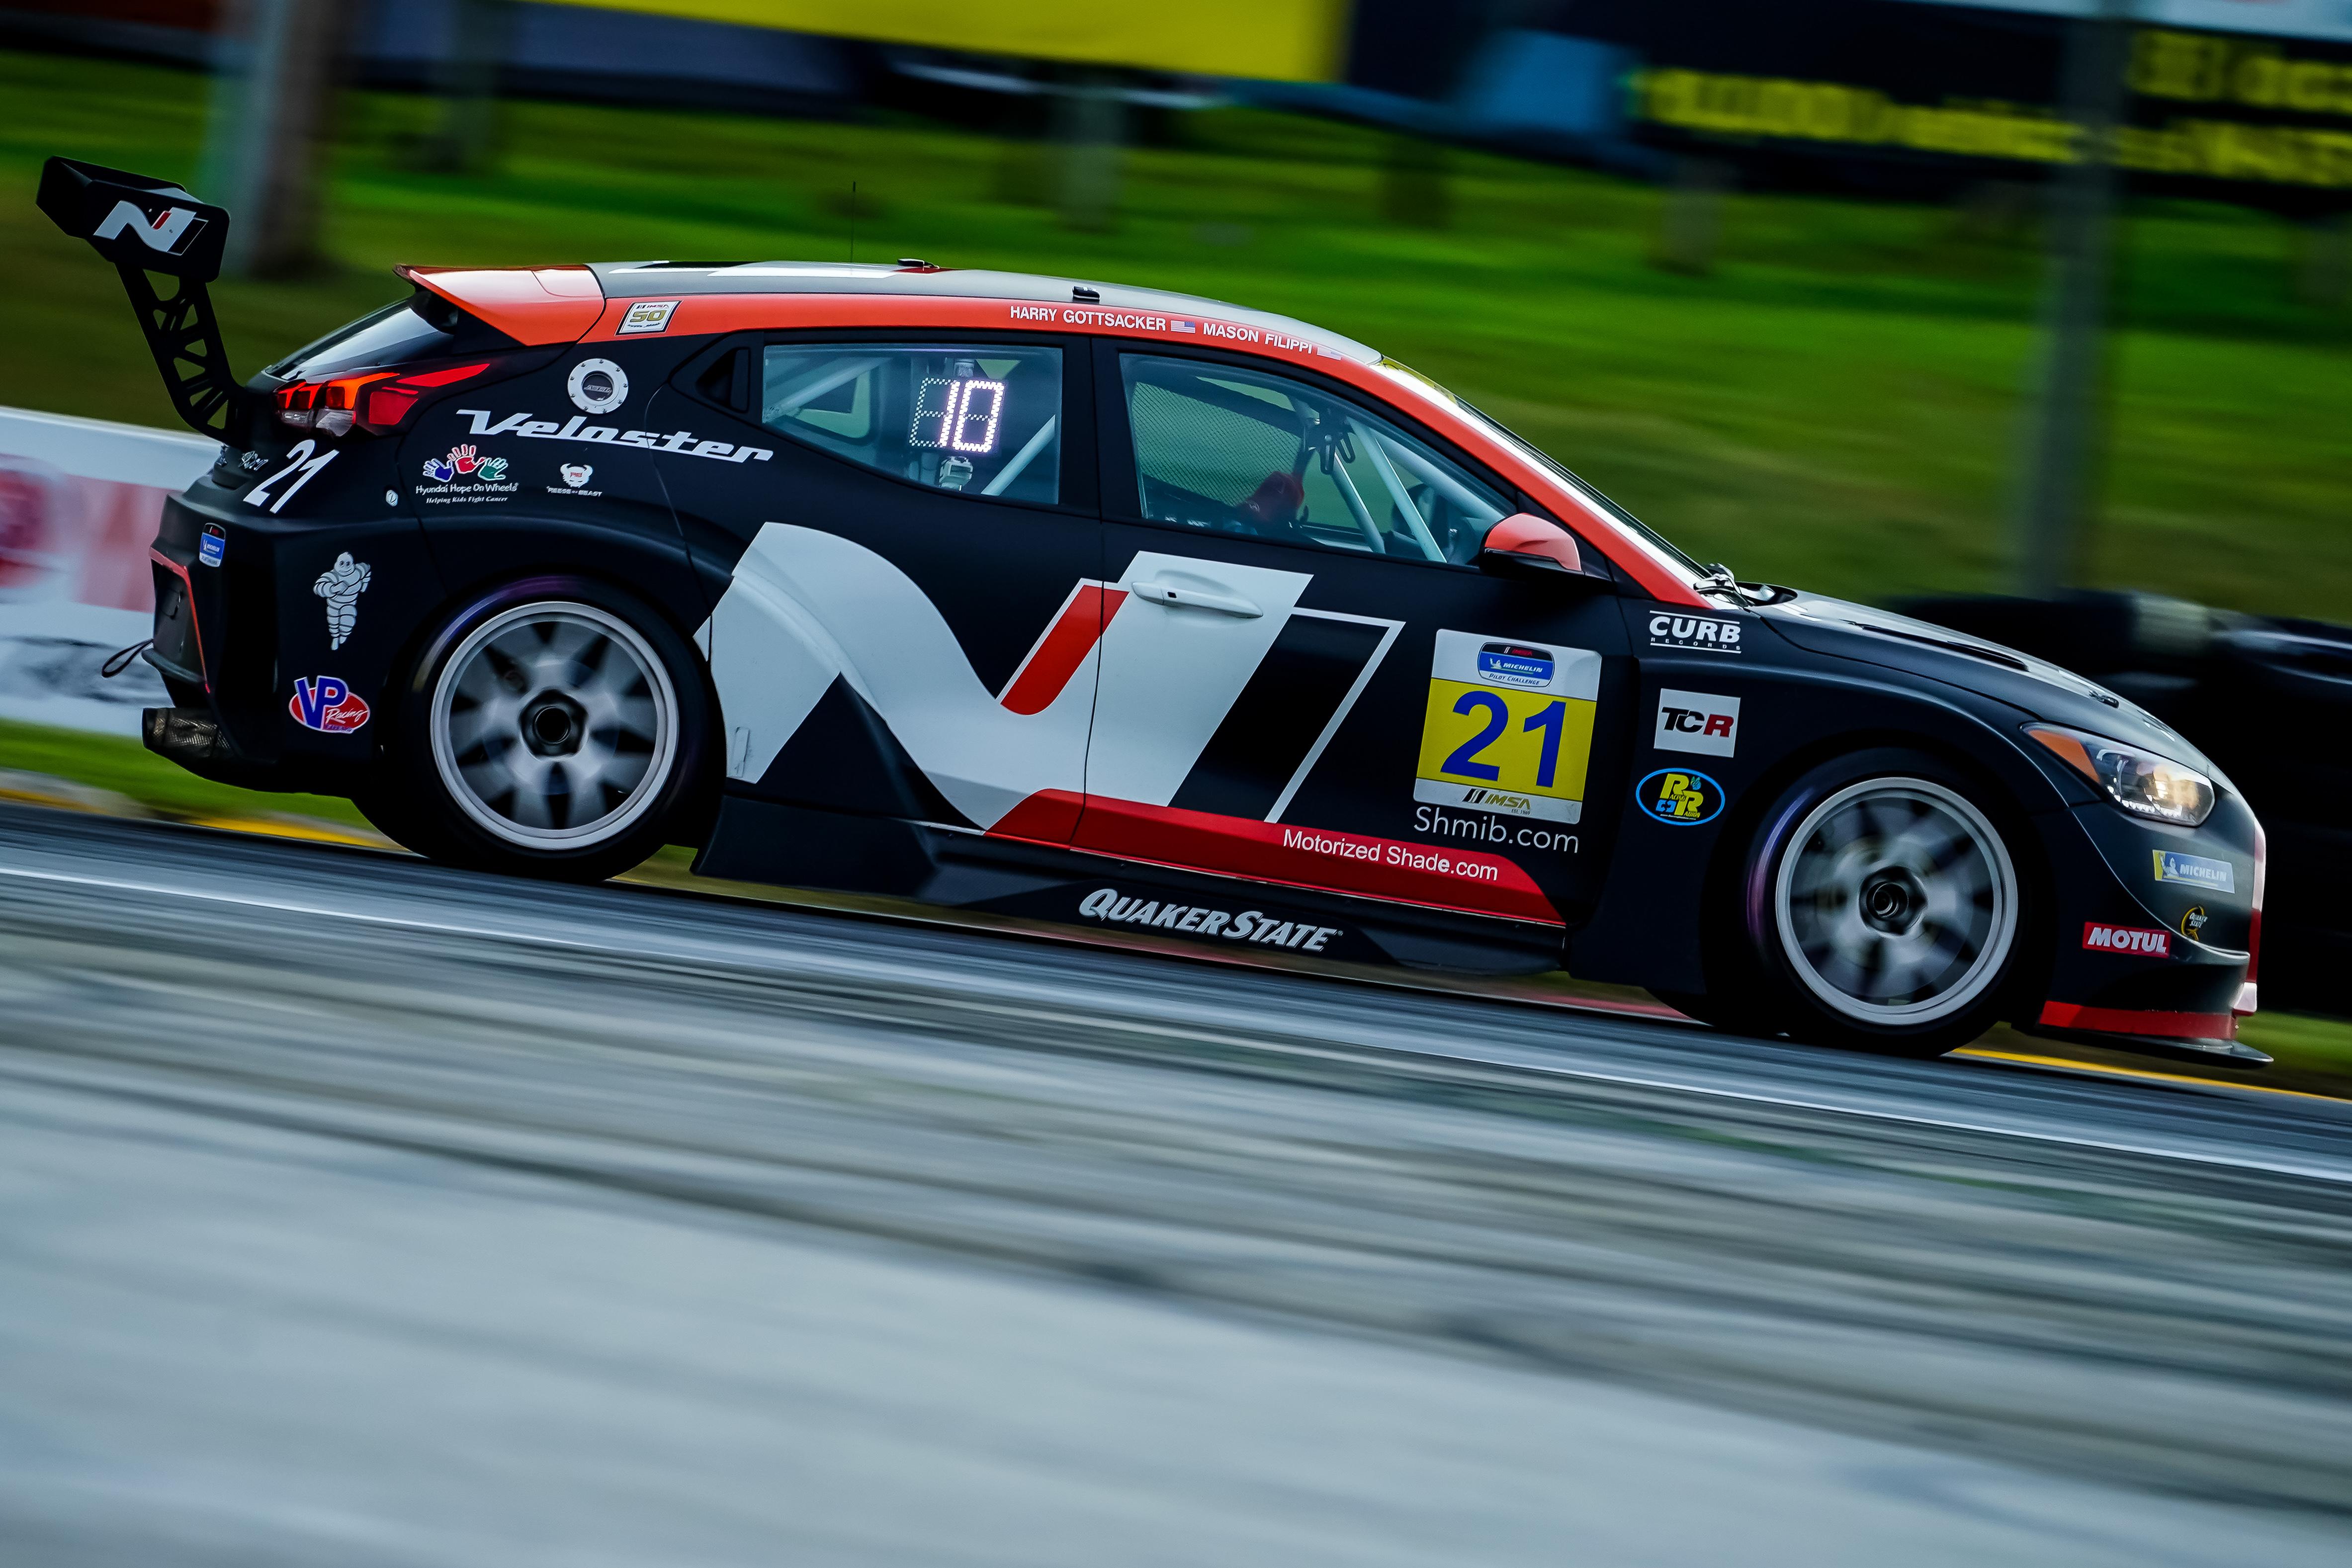 Mason Filippi, Harry Gottsacker - IMSA Michelin Pilot Challenge - Road America